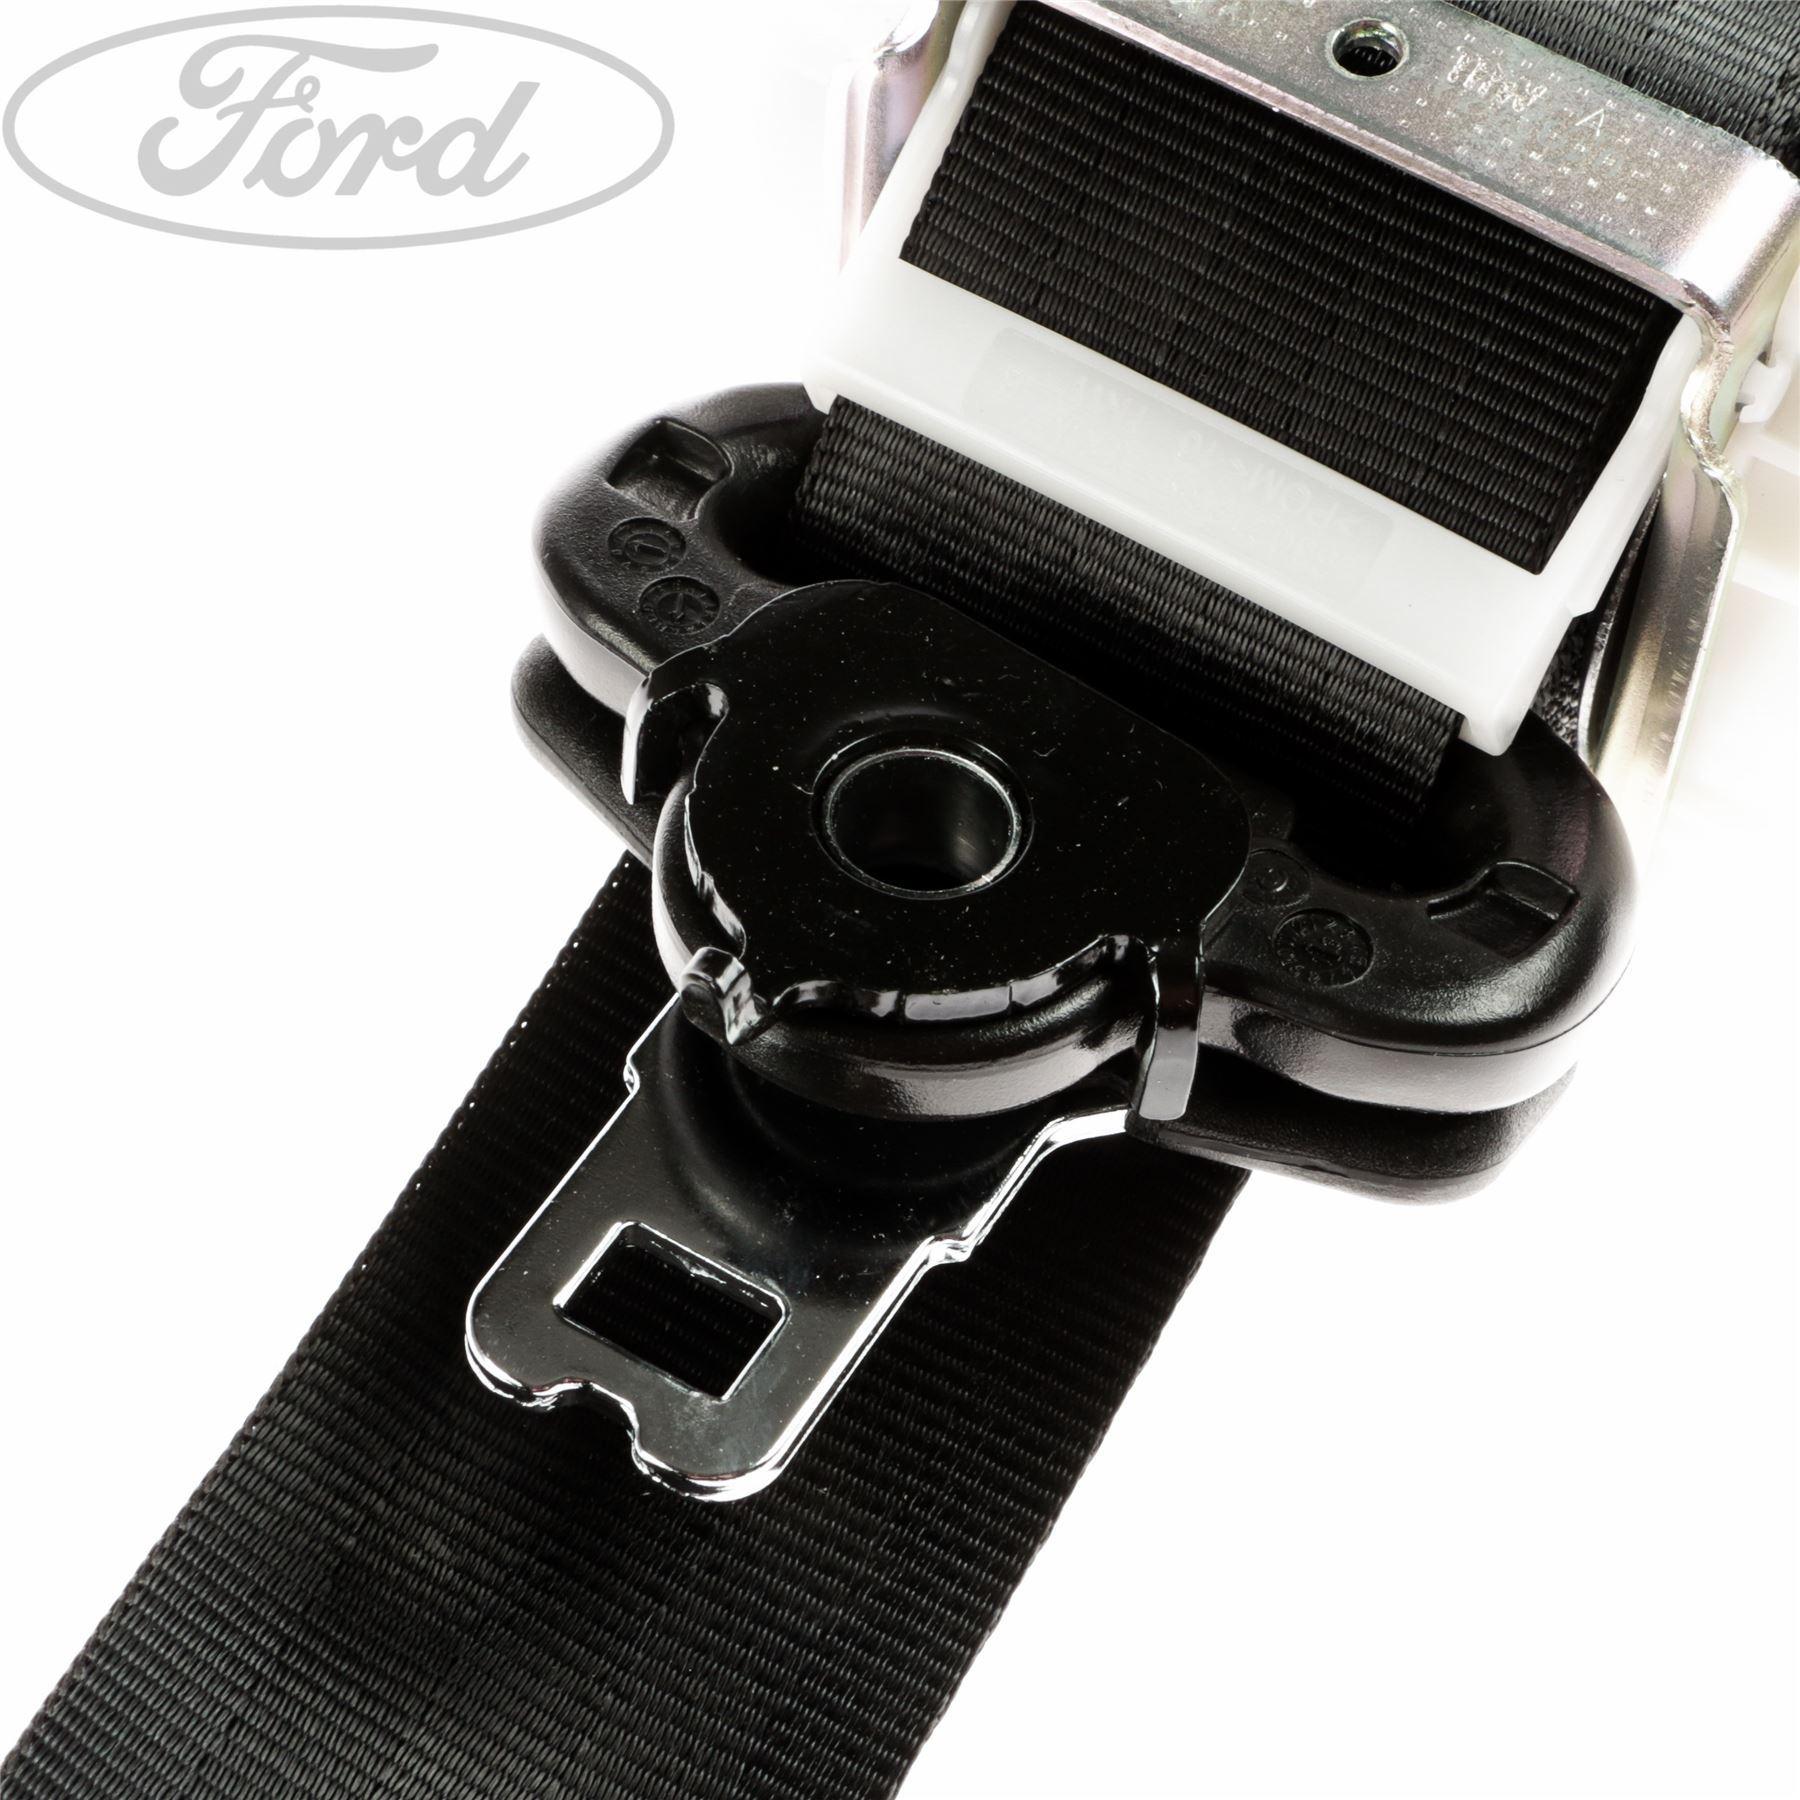 Genuine Ford C-Max MK2 O//S RH Rear Seat Belt 1917304